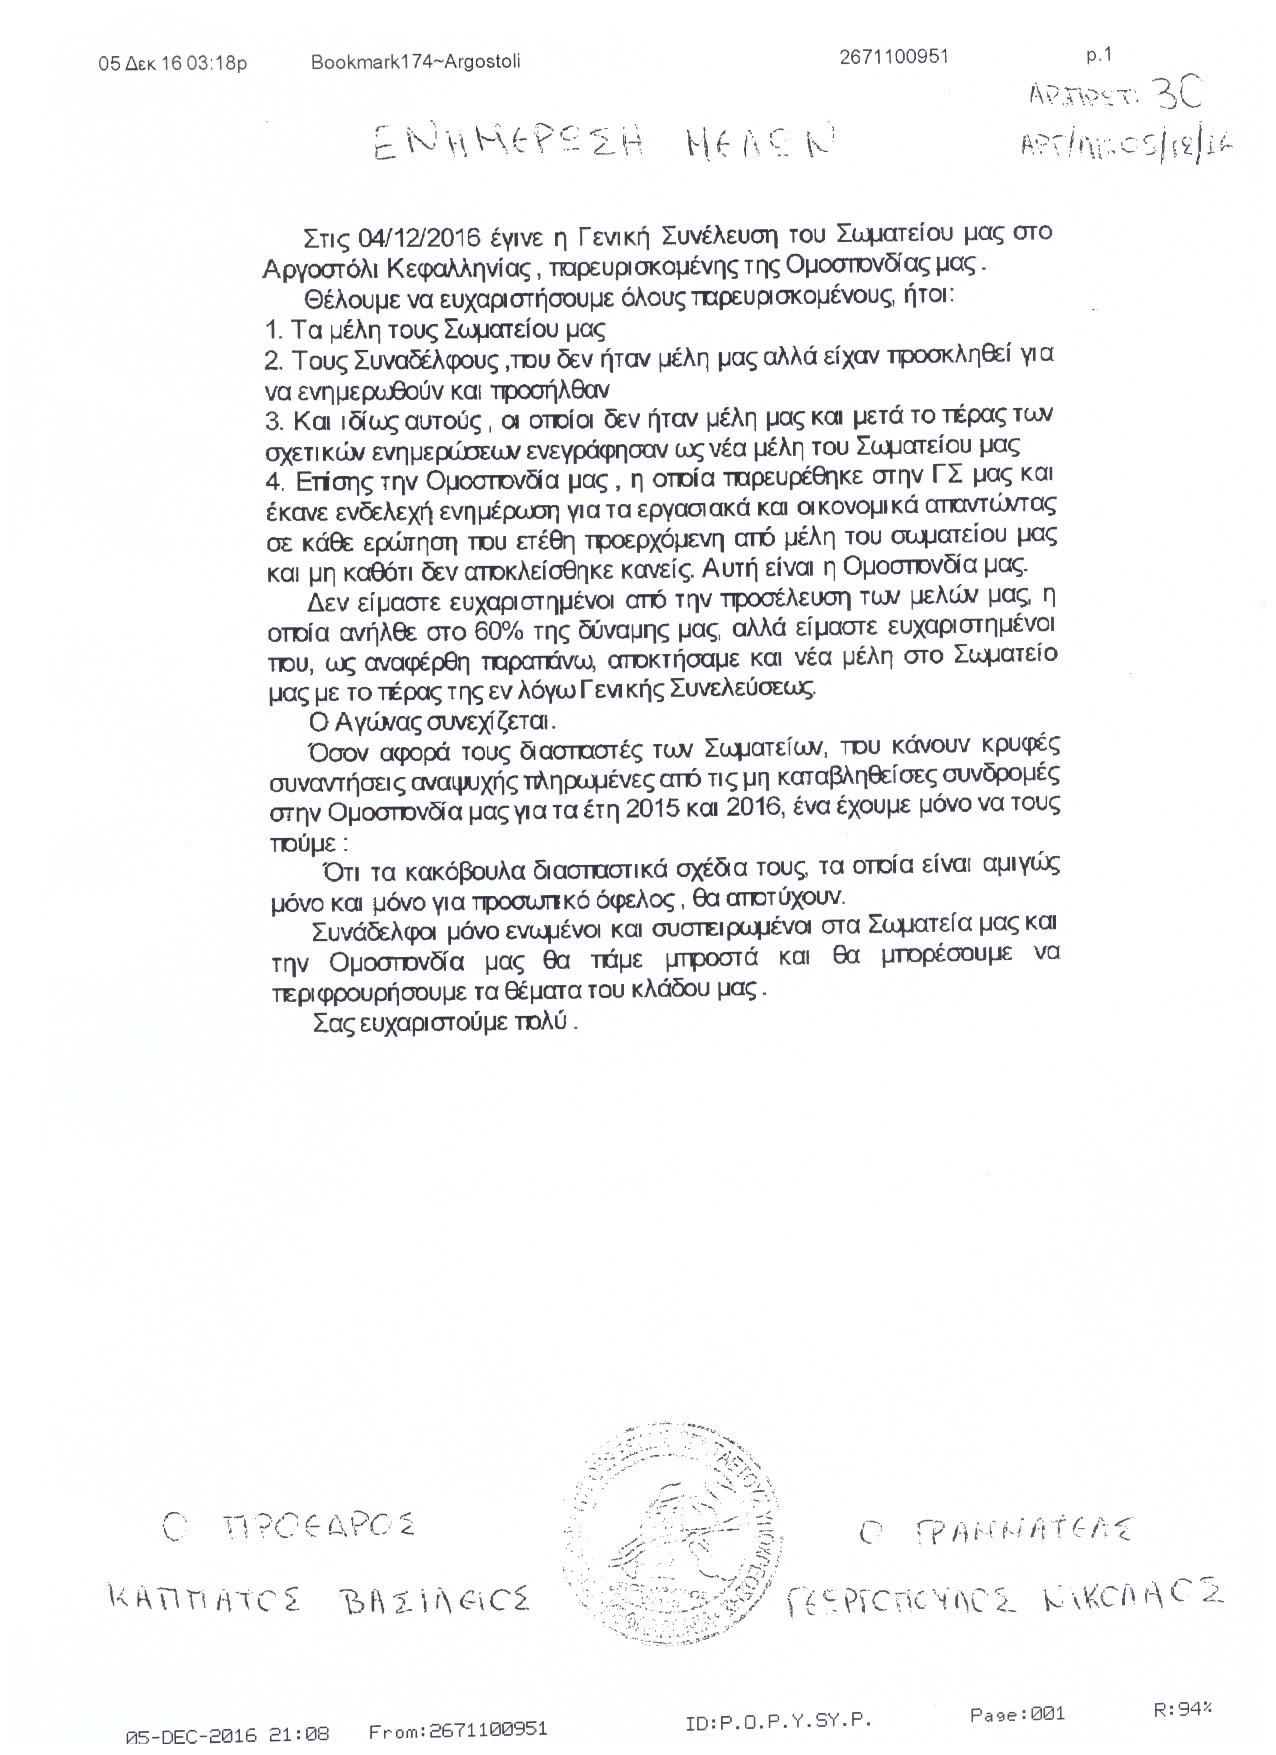 Αρ. Πρωτοκ. 1924 05.11.2016 Ενημερωση μελών από σωματείο κεφαλλονιας ιθάκης